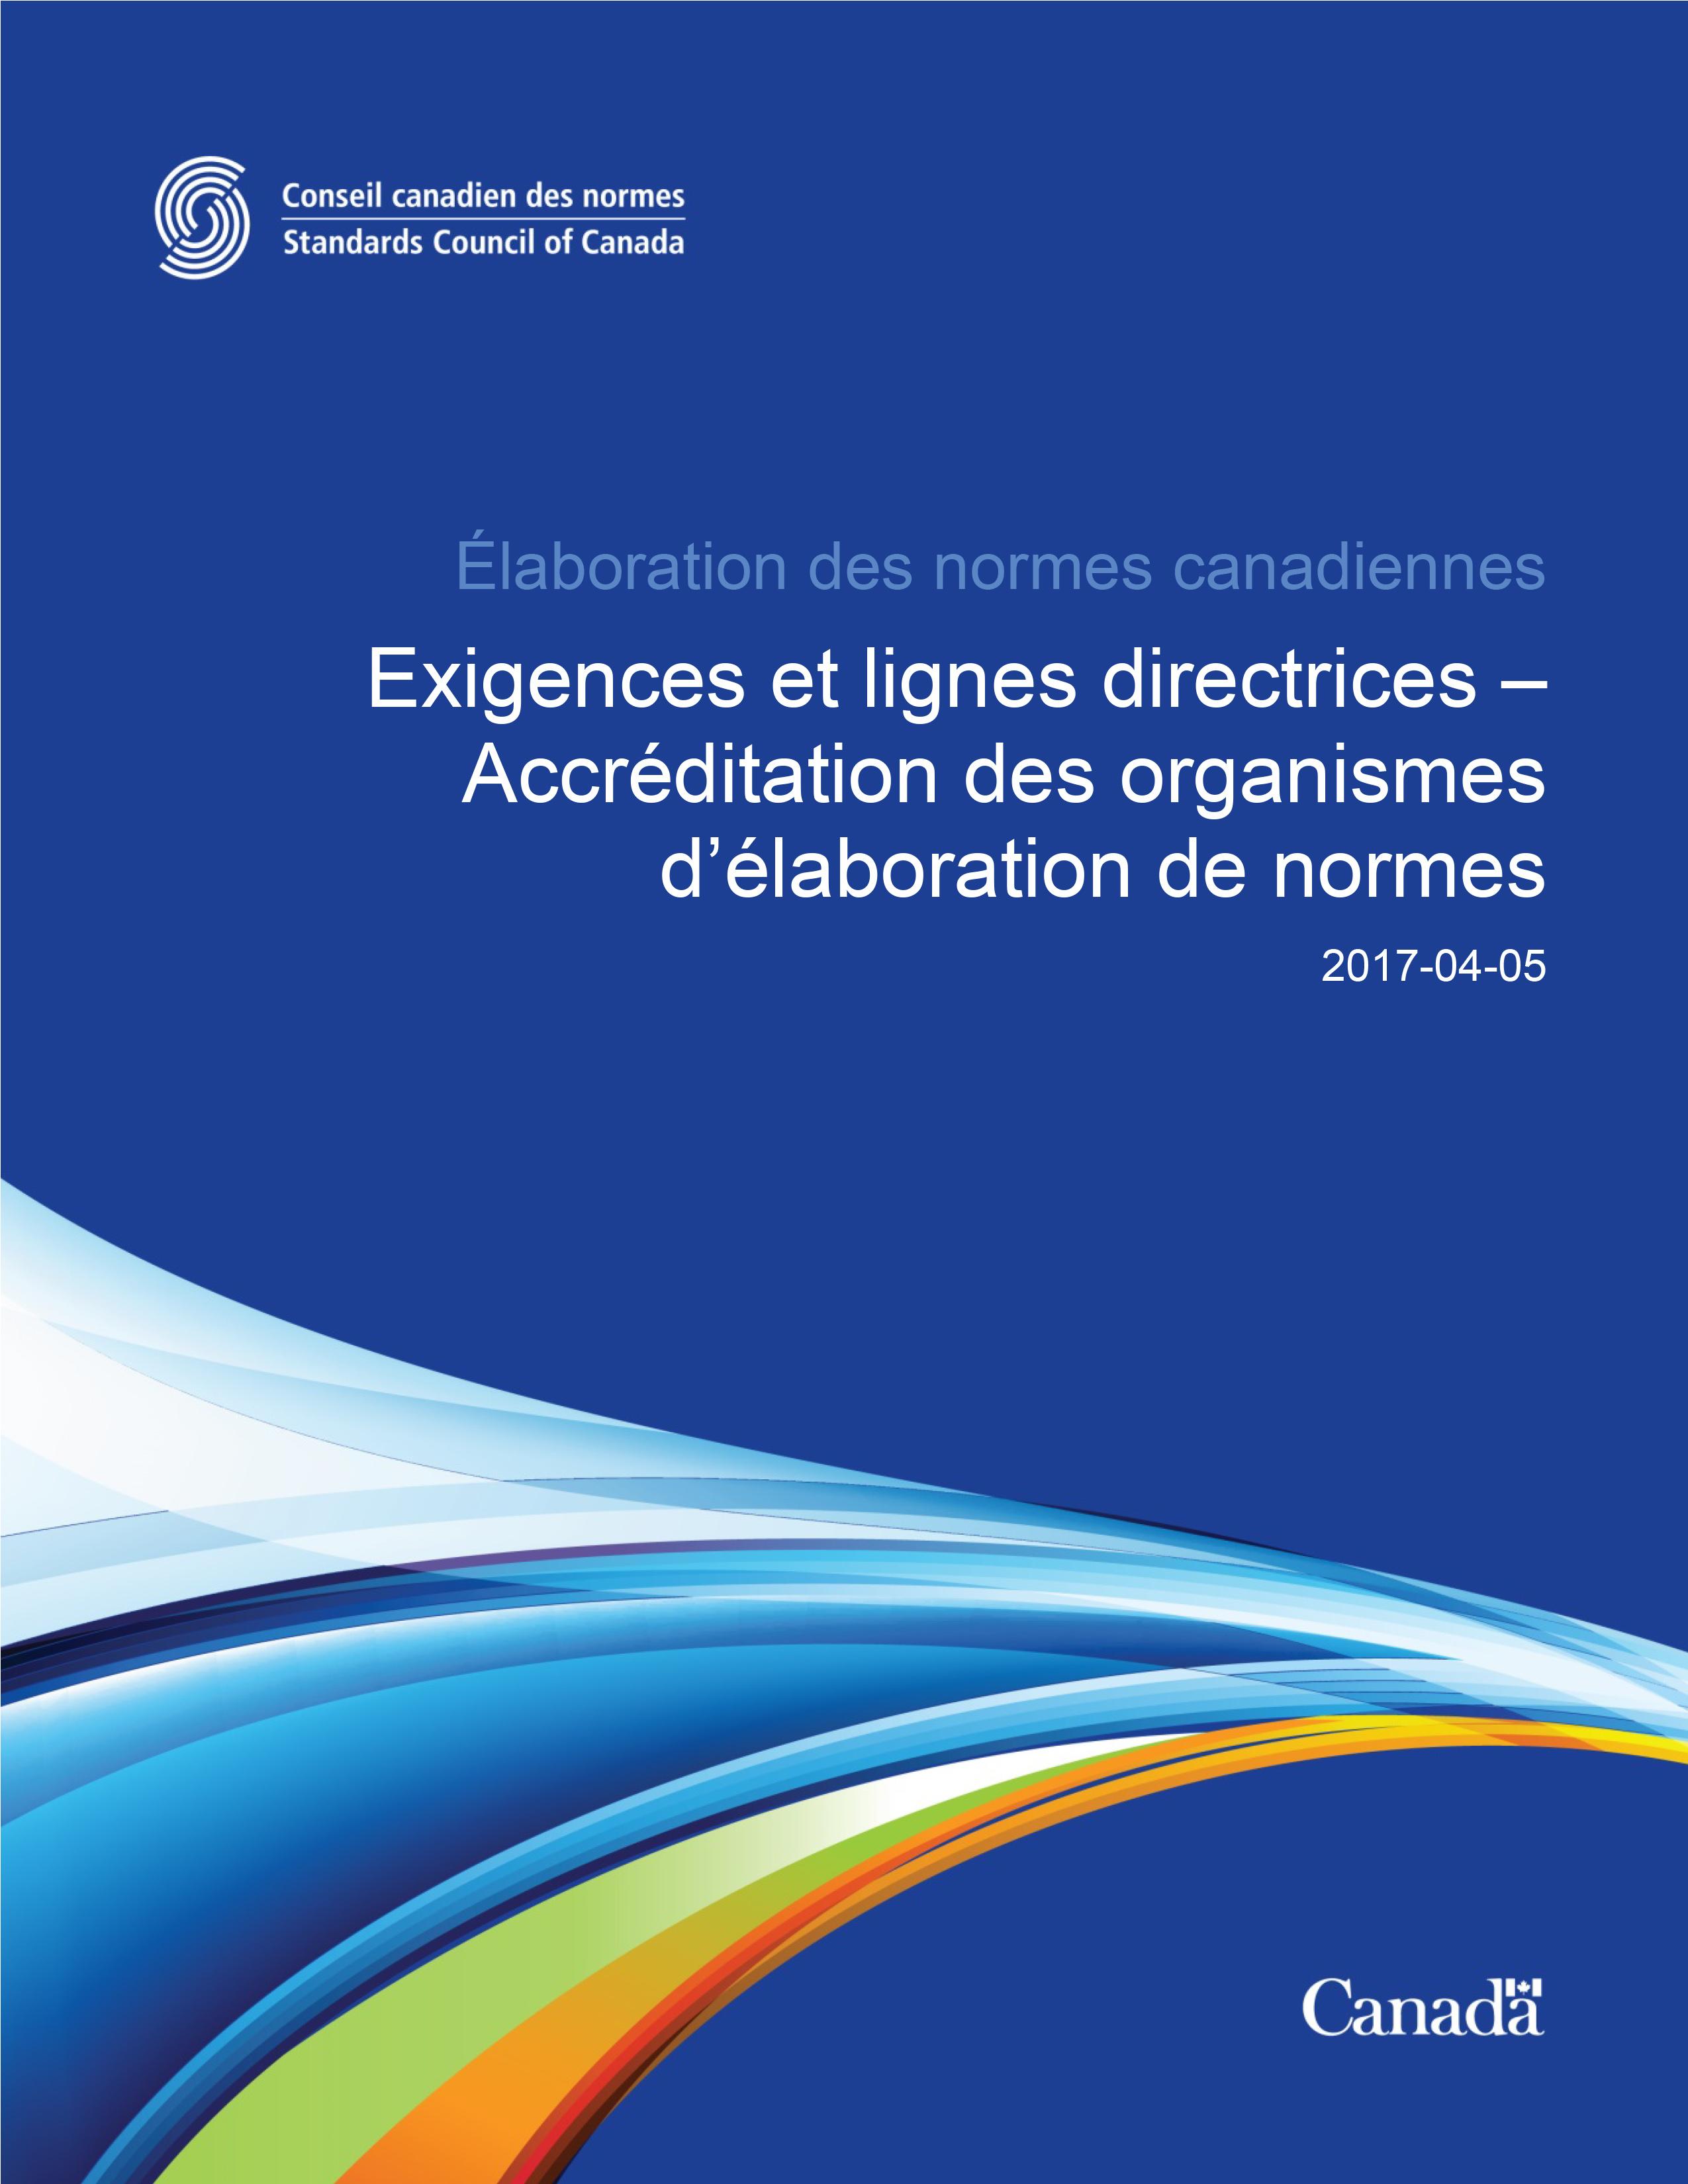 Exigences et lignes directrices – Accréditation des organismes d'élaboration de normes